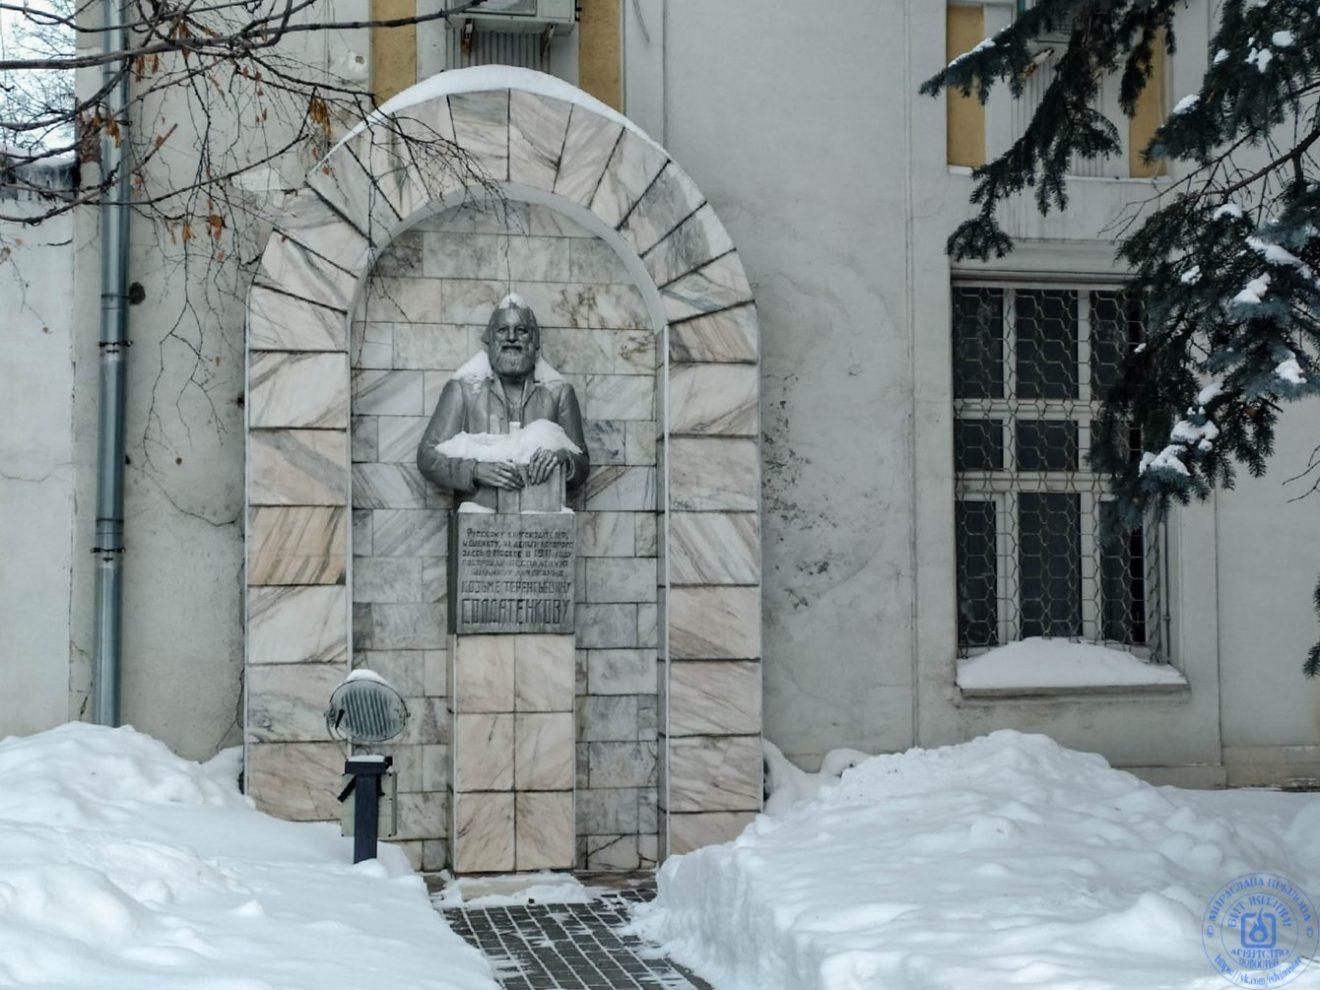 Памятник Козьме Терентьевичу Солдатенкову в больнице им. С. П. Боткина